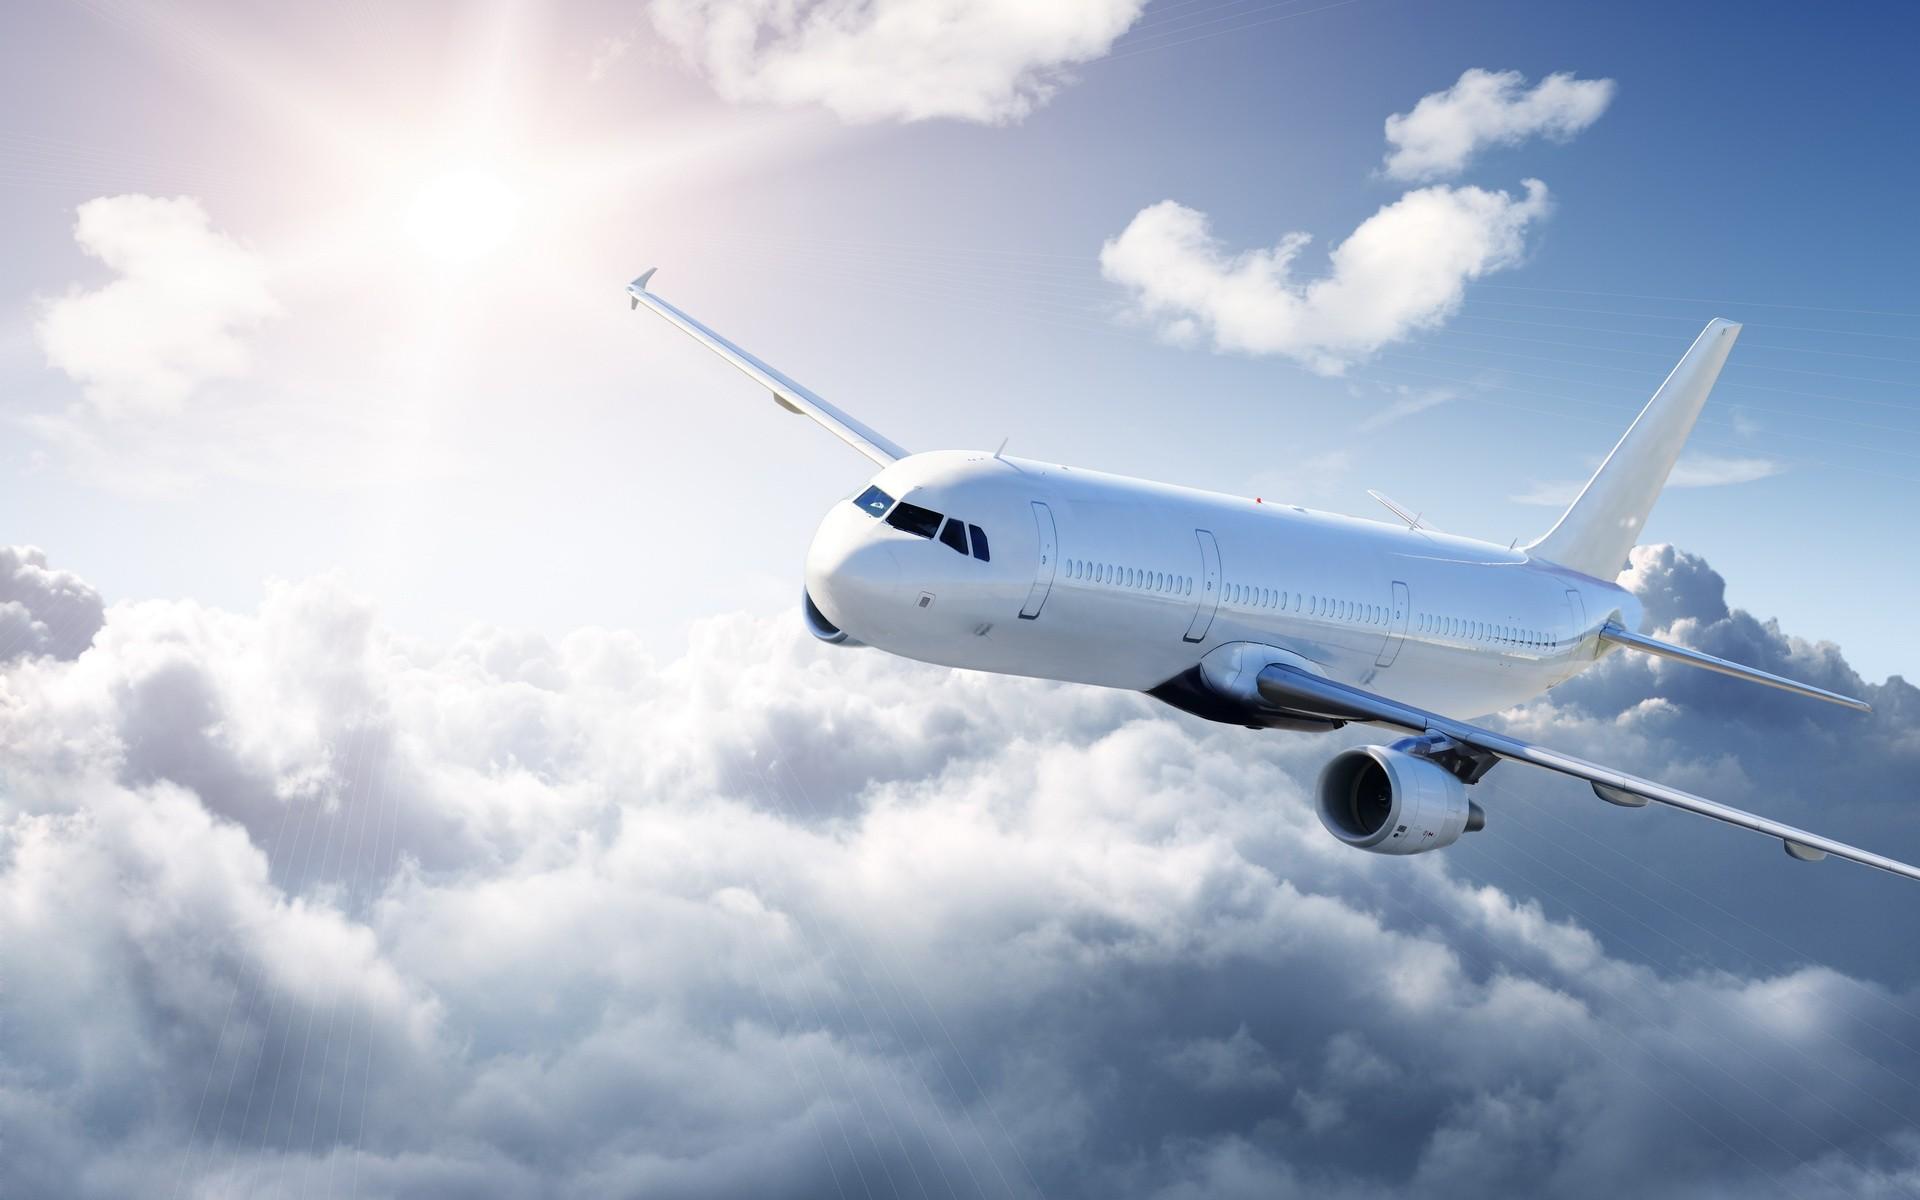 Десять человек пострадали вСША при попадании самолета втурбулентность